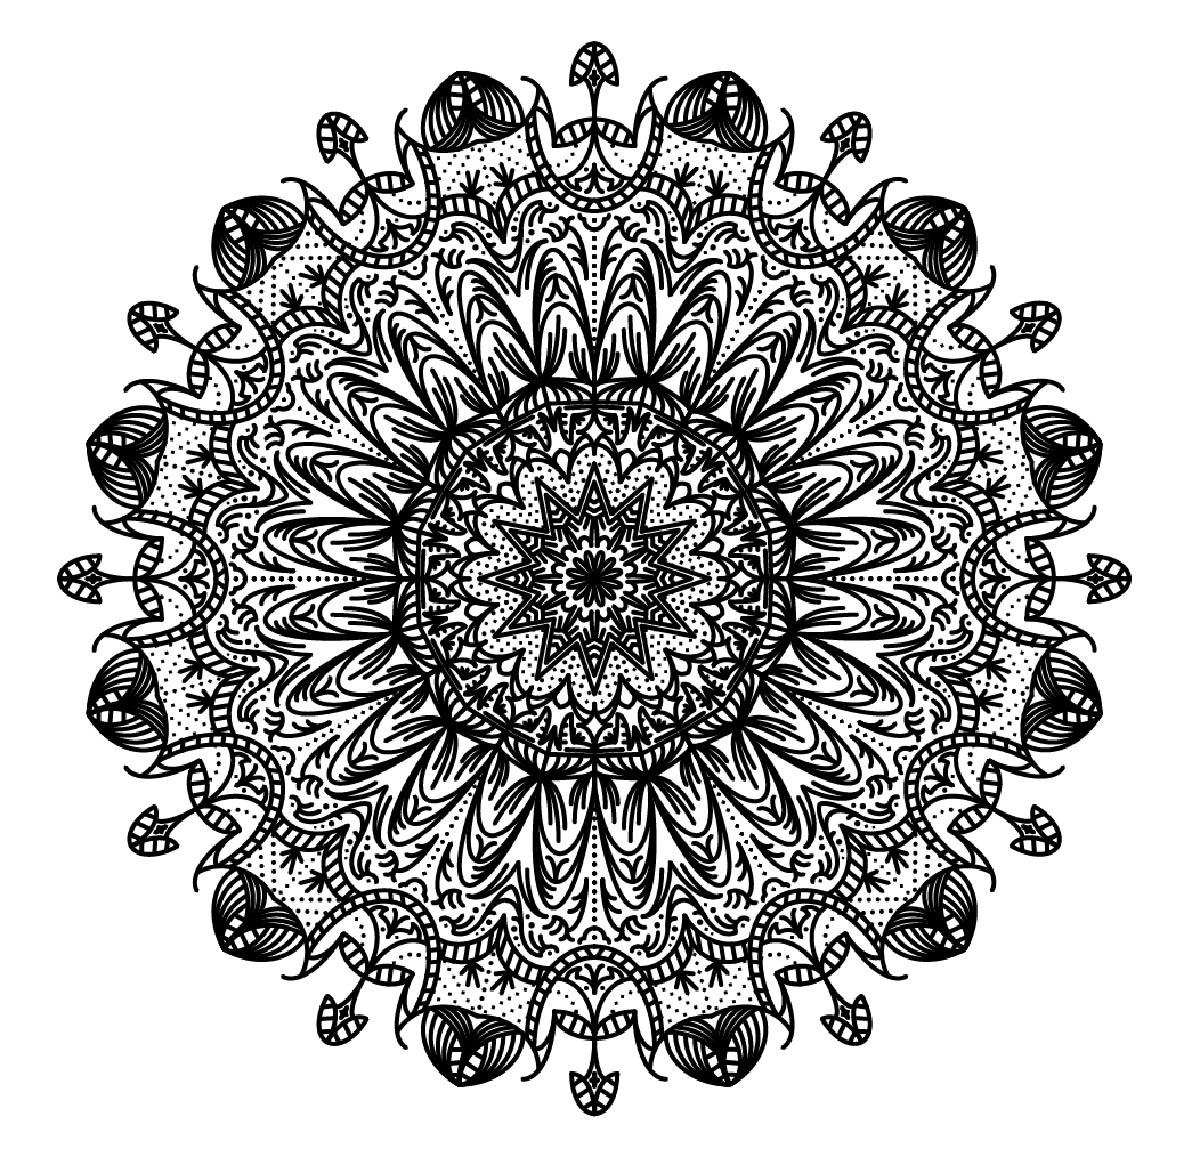 Mandalas 33210 mandalas disegni da colorare per adulti - Libero tacchino da colorare pagina ...